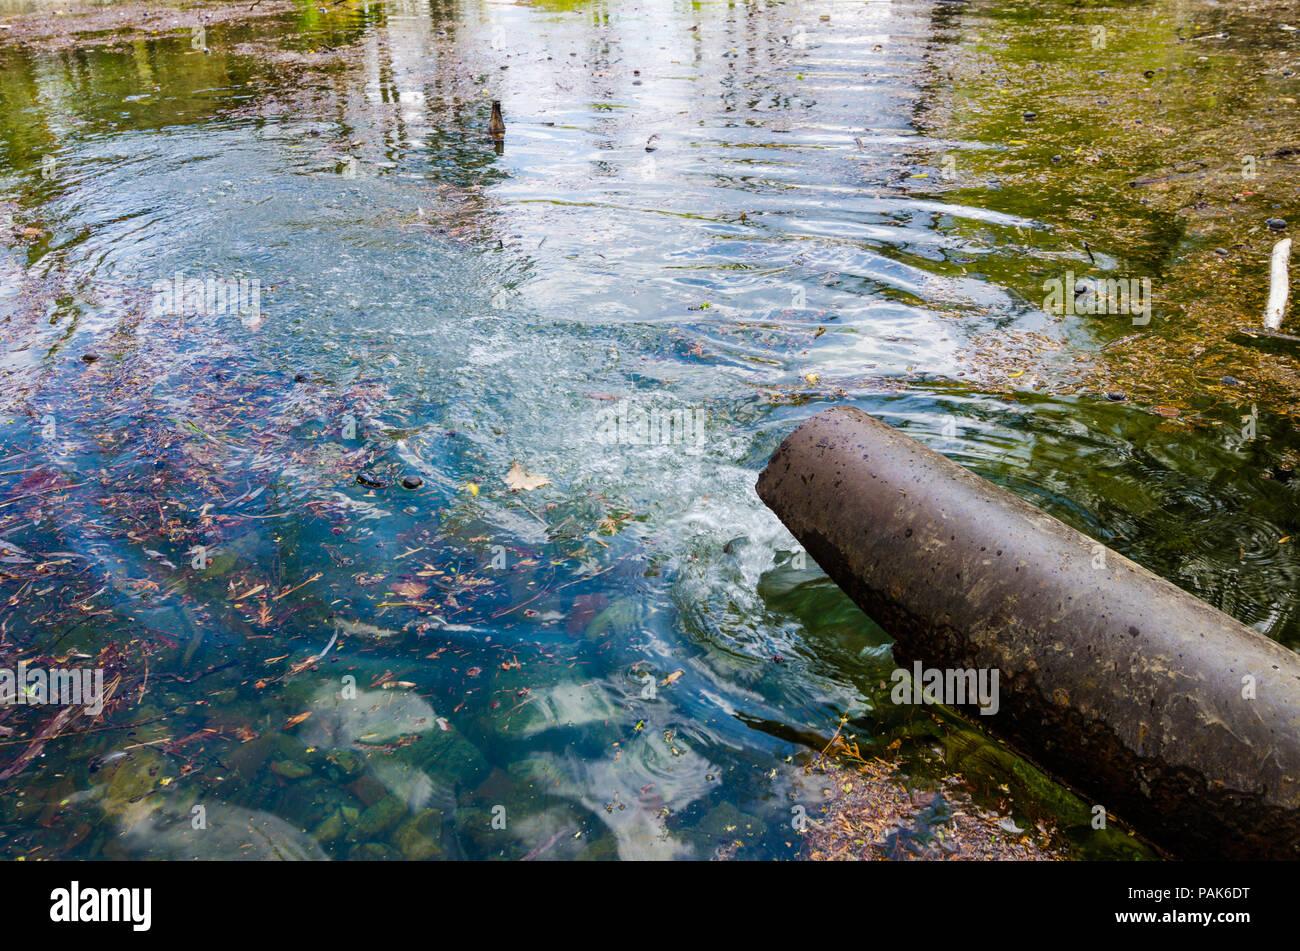 Un tubo oxidado vertiendo agua dulce o tóxico líquido residual en un lago o río contaminado con hojas de naranja y un aspecto espumoso azul Imagen De Stock